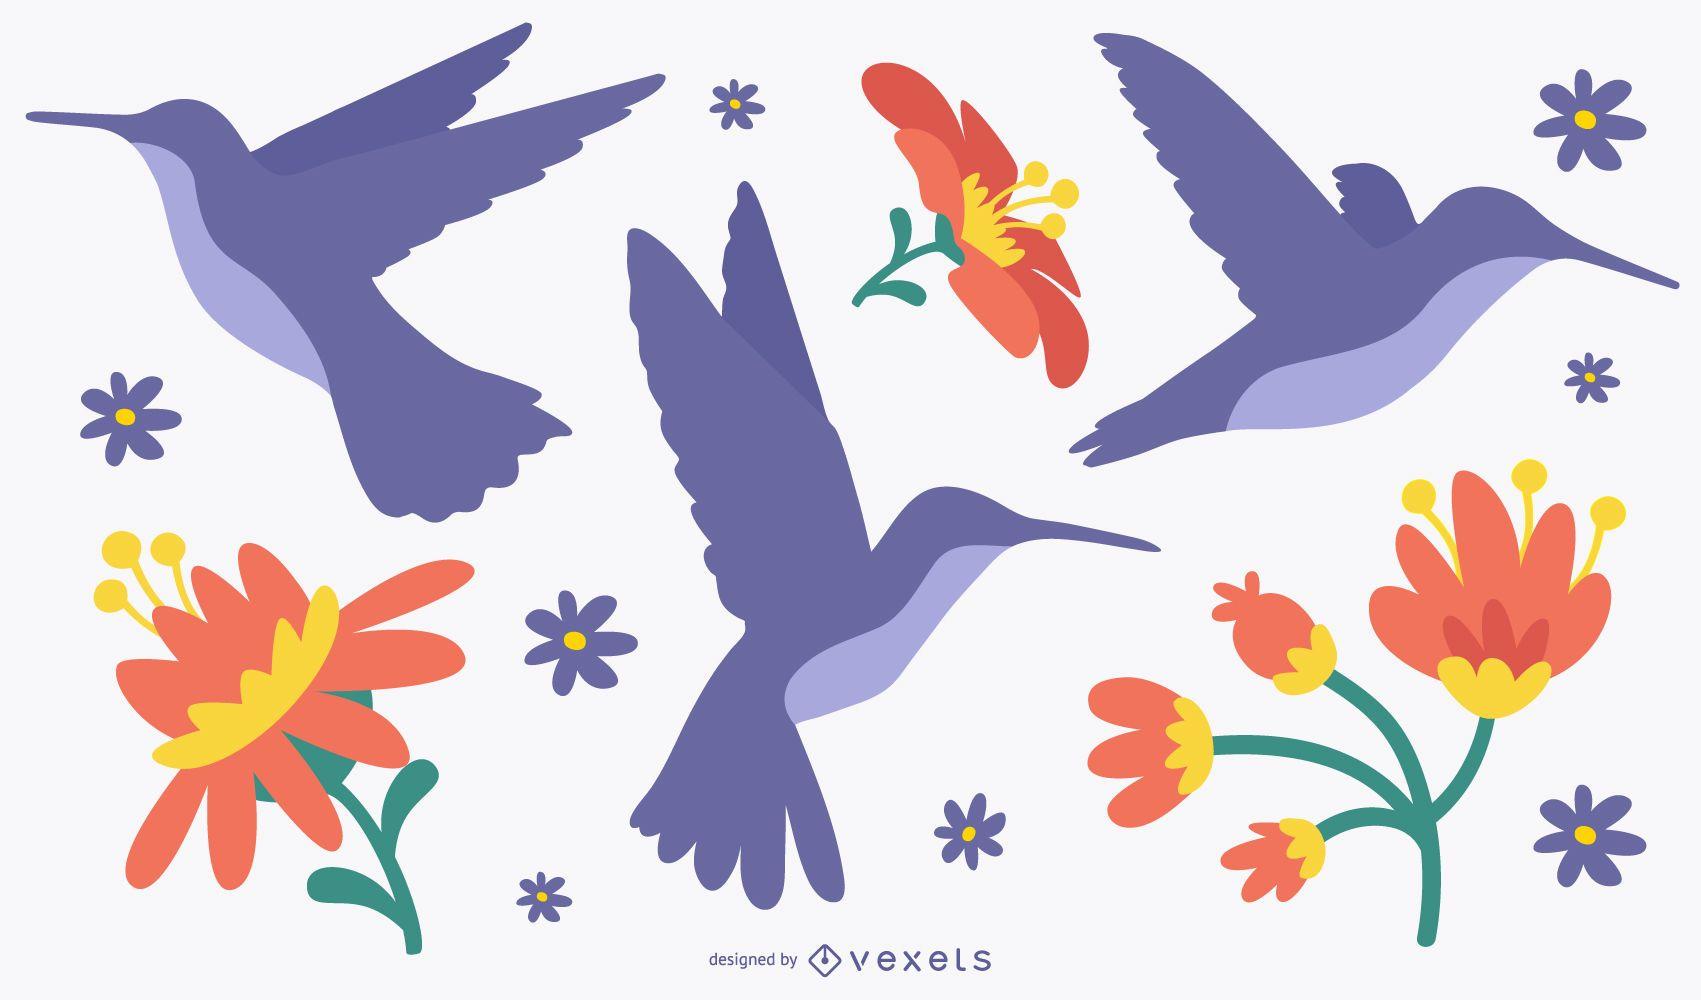 Diseño plano de pájaros y flores.